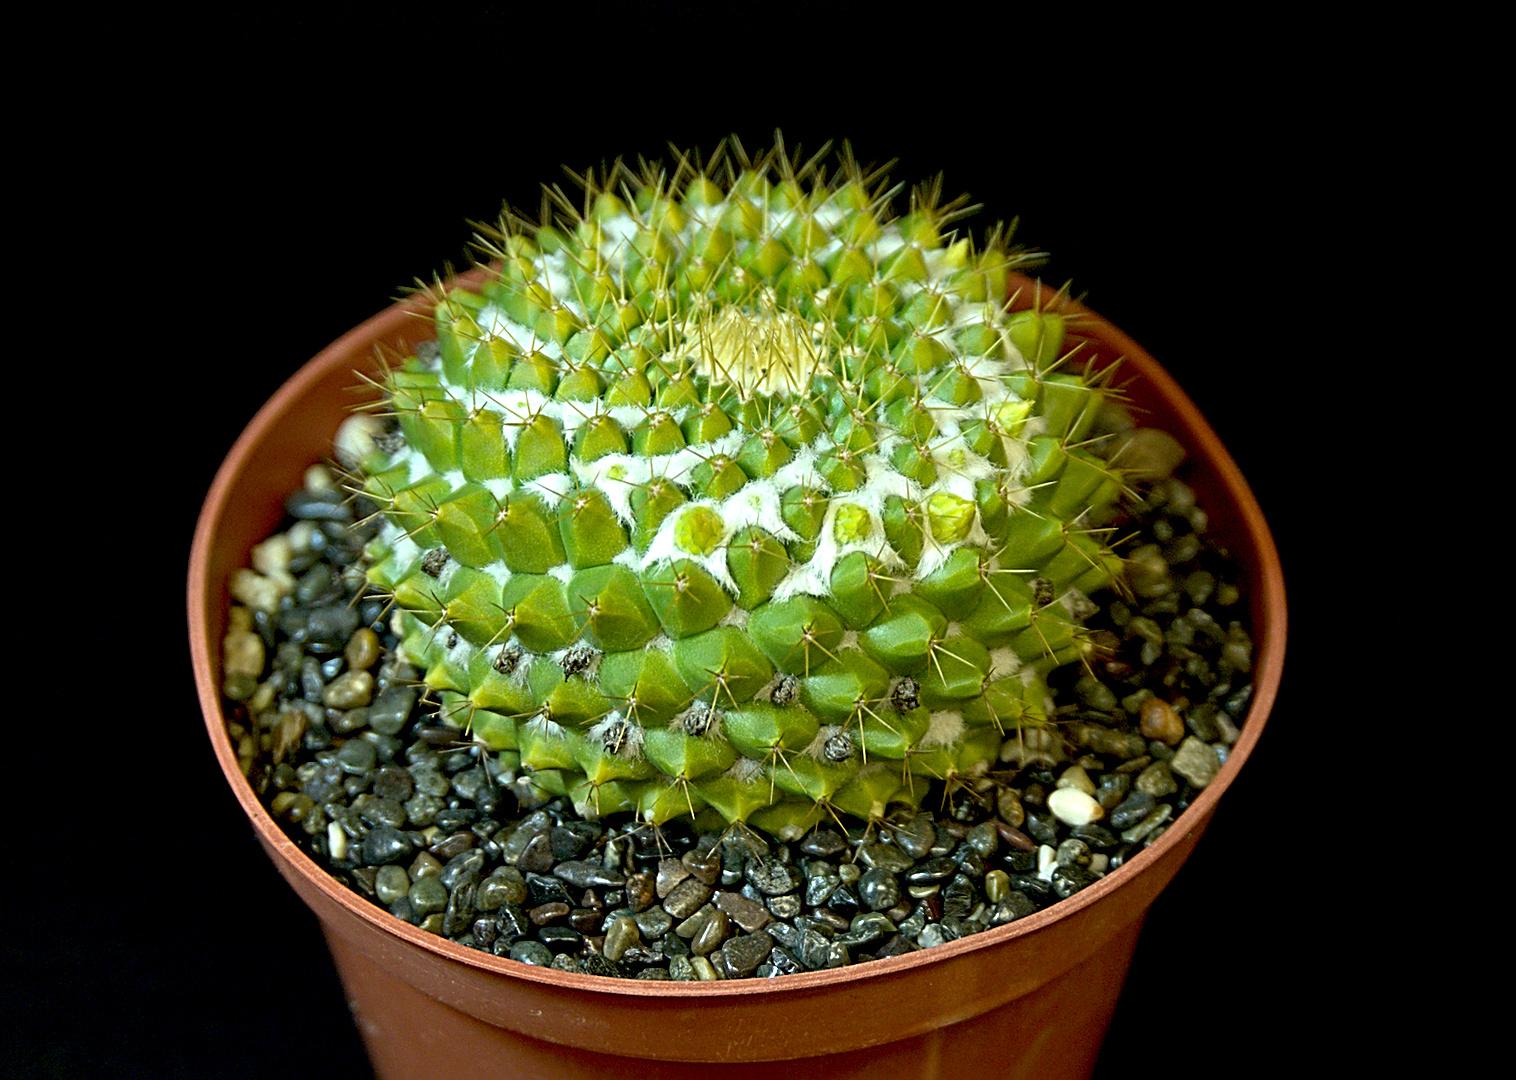 SCCSS 2019 January - Winner Novice Cactus - Nancy Mosher - Mammillaria marksiana